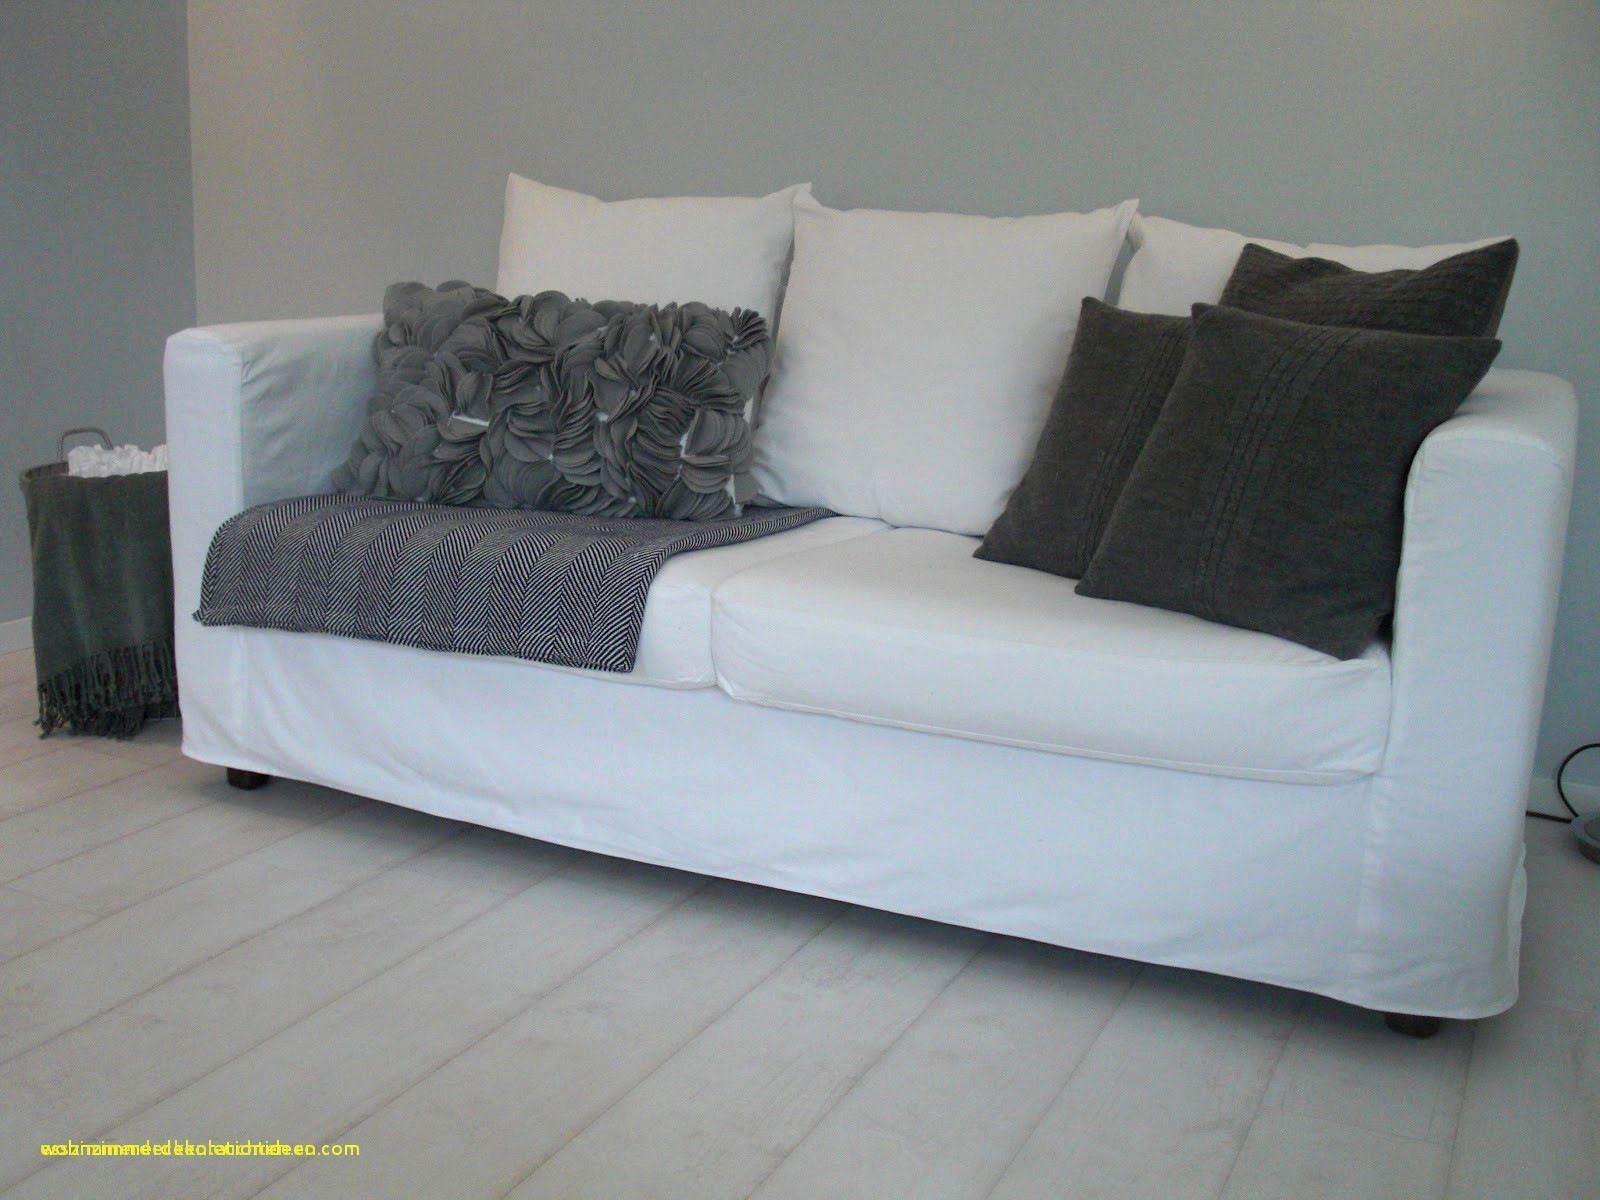 76 Antik Kollektion Von Schlafcouch Ikea Modern Couch Couch Sofa